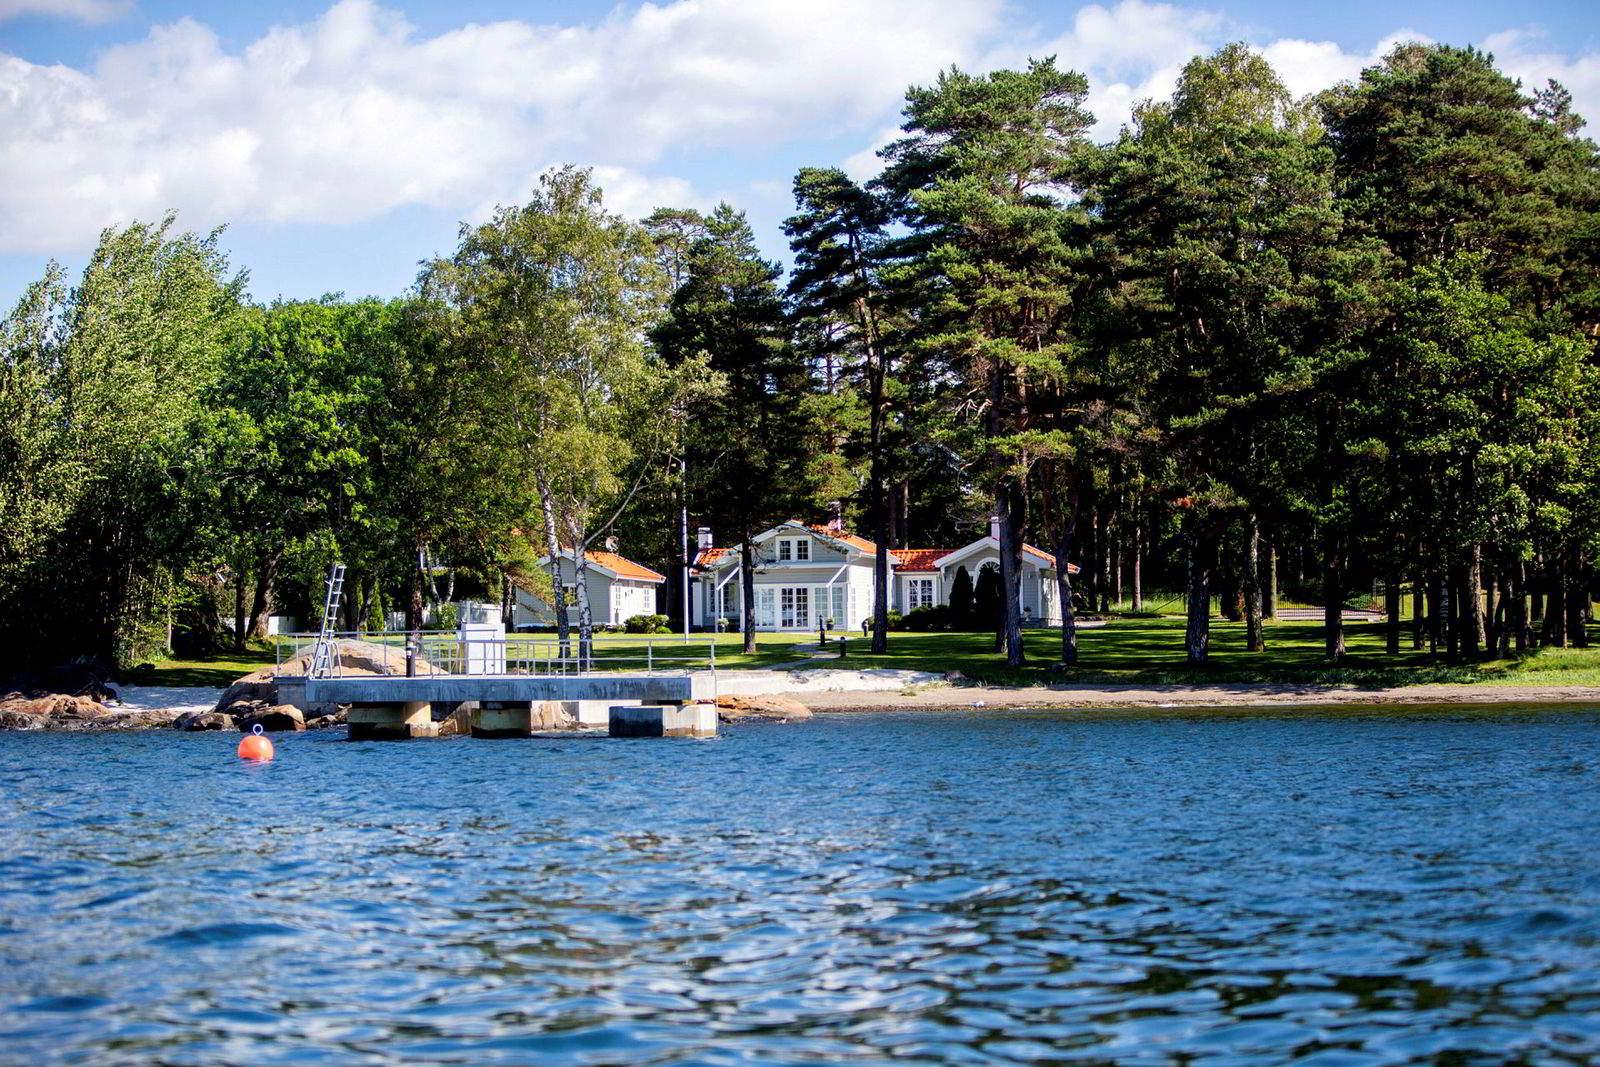 I 2007 satte den danske oljegründeren Brian Ole Jepsen prisrekord for fritidsboliger i Sandefjord da han ga 32 millioner kroner for fasjonabel strandeiendom på Vesterøya. I sommer slo han sin egen prisrekord da han kjøpte nabohytta av eiendomsmilliardær Aage Thoresen.